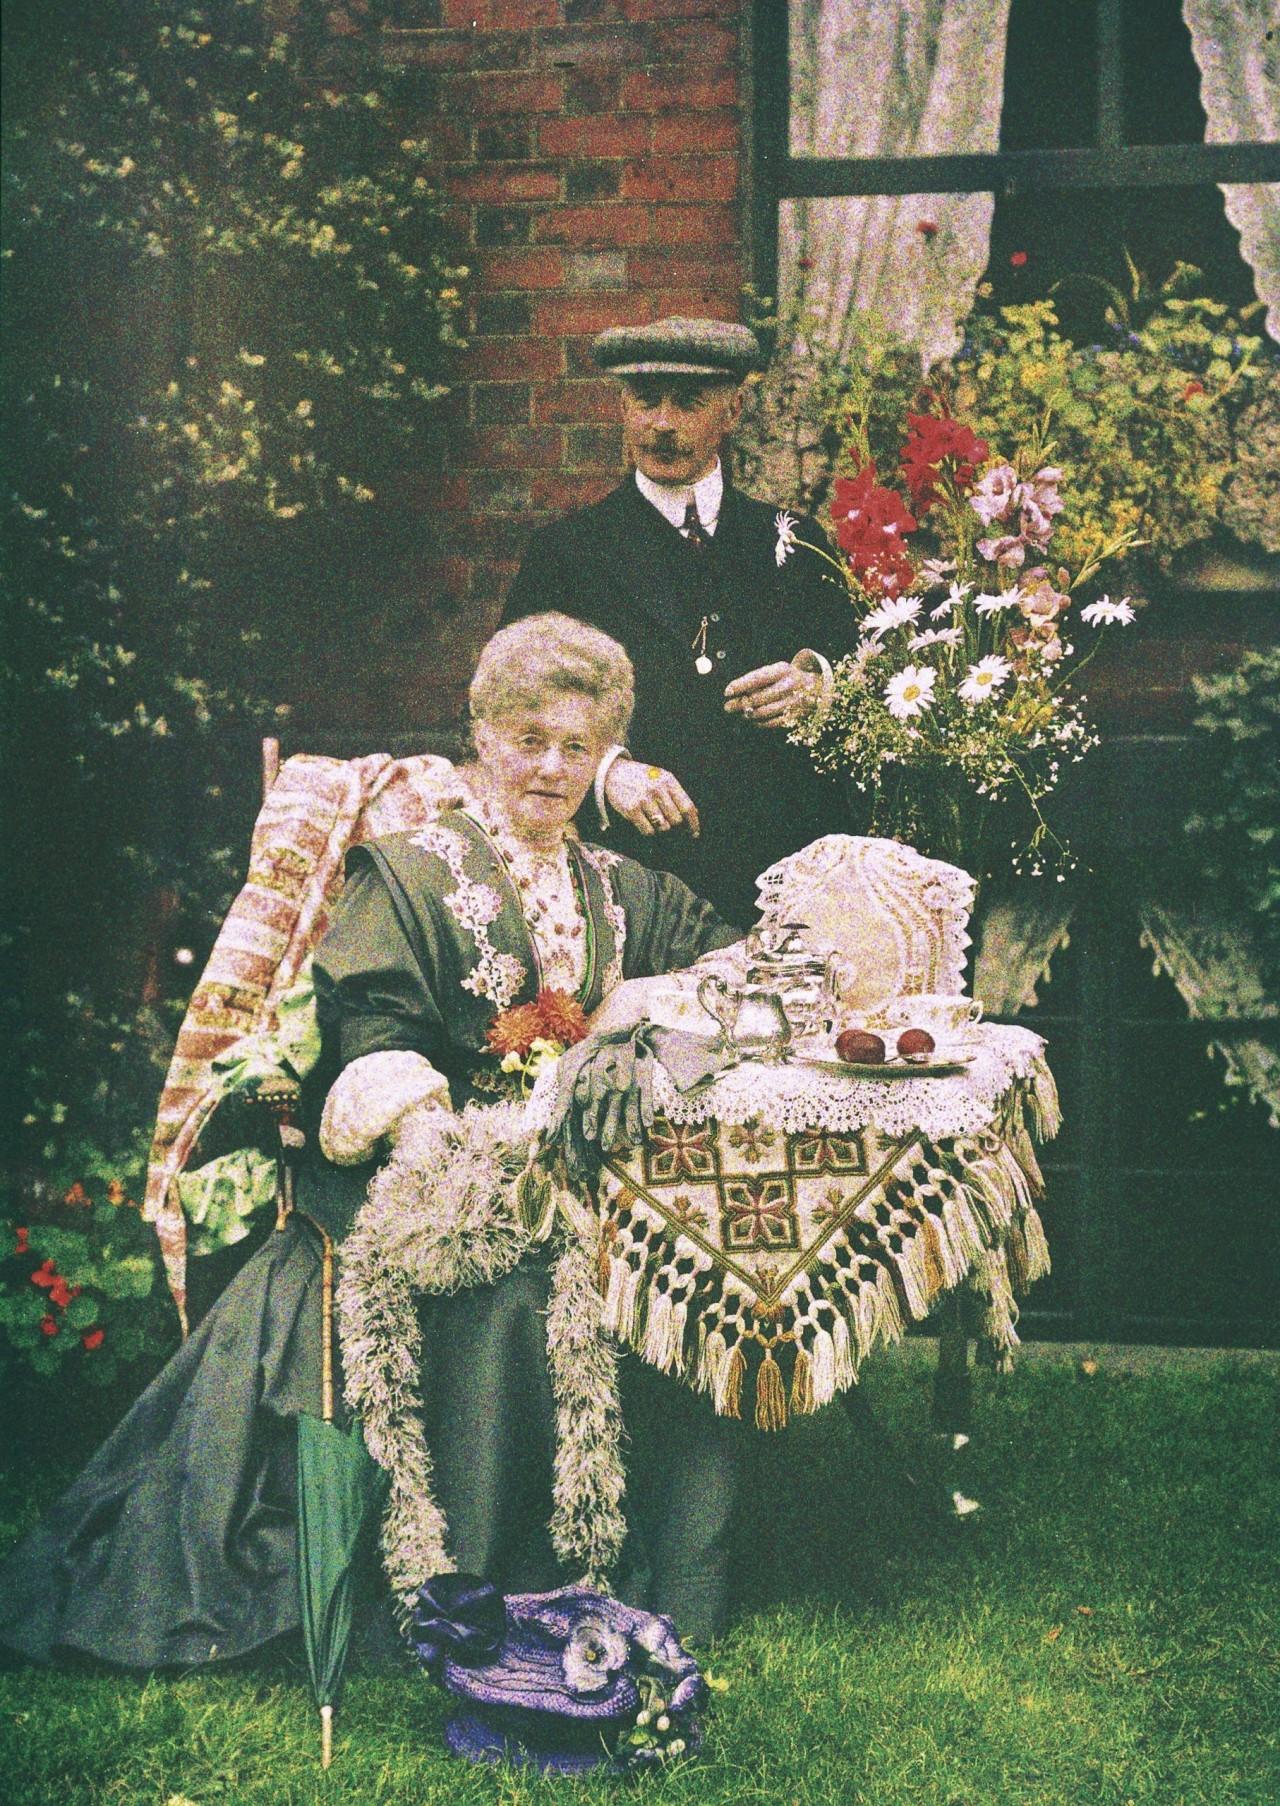 Чаепитие в саду, автохром, ок. 1910